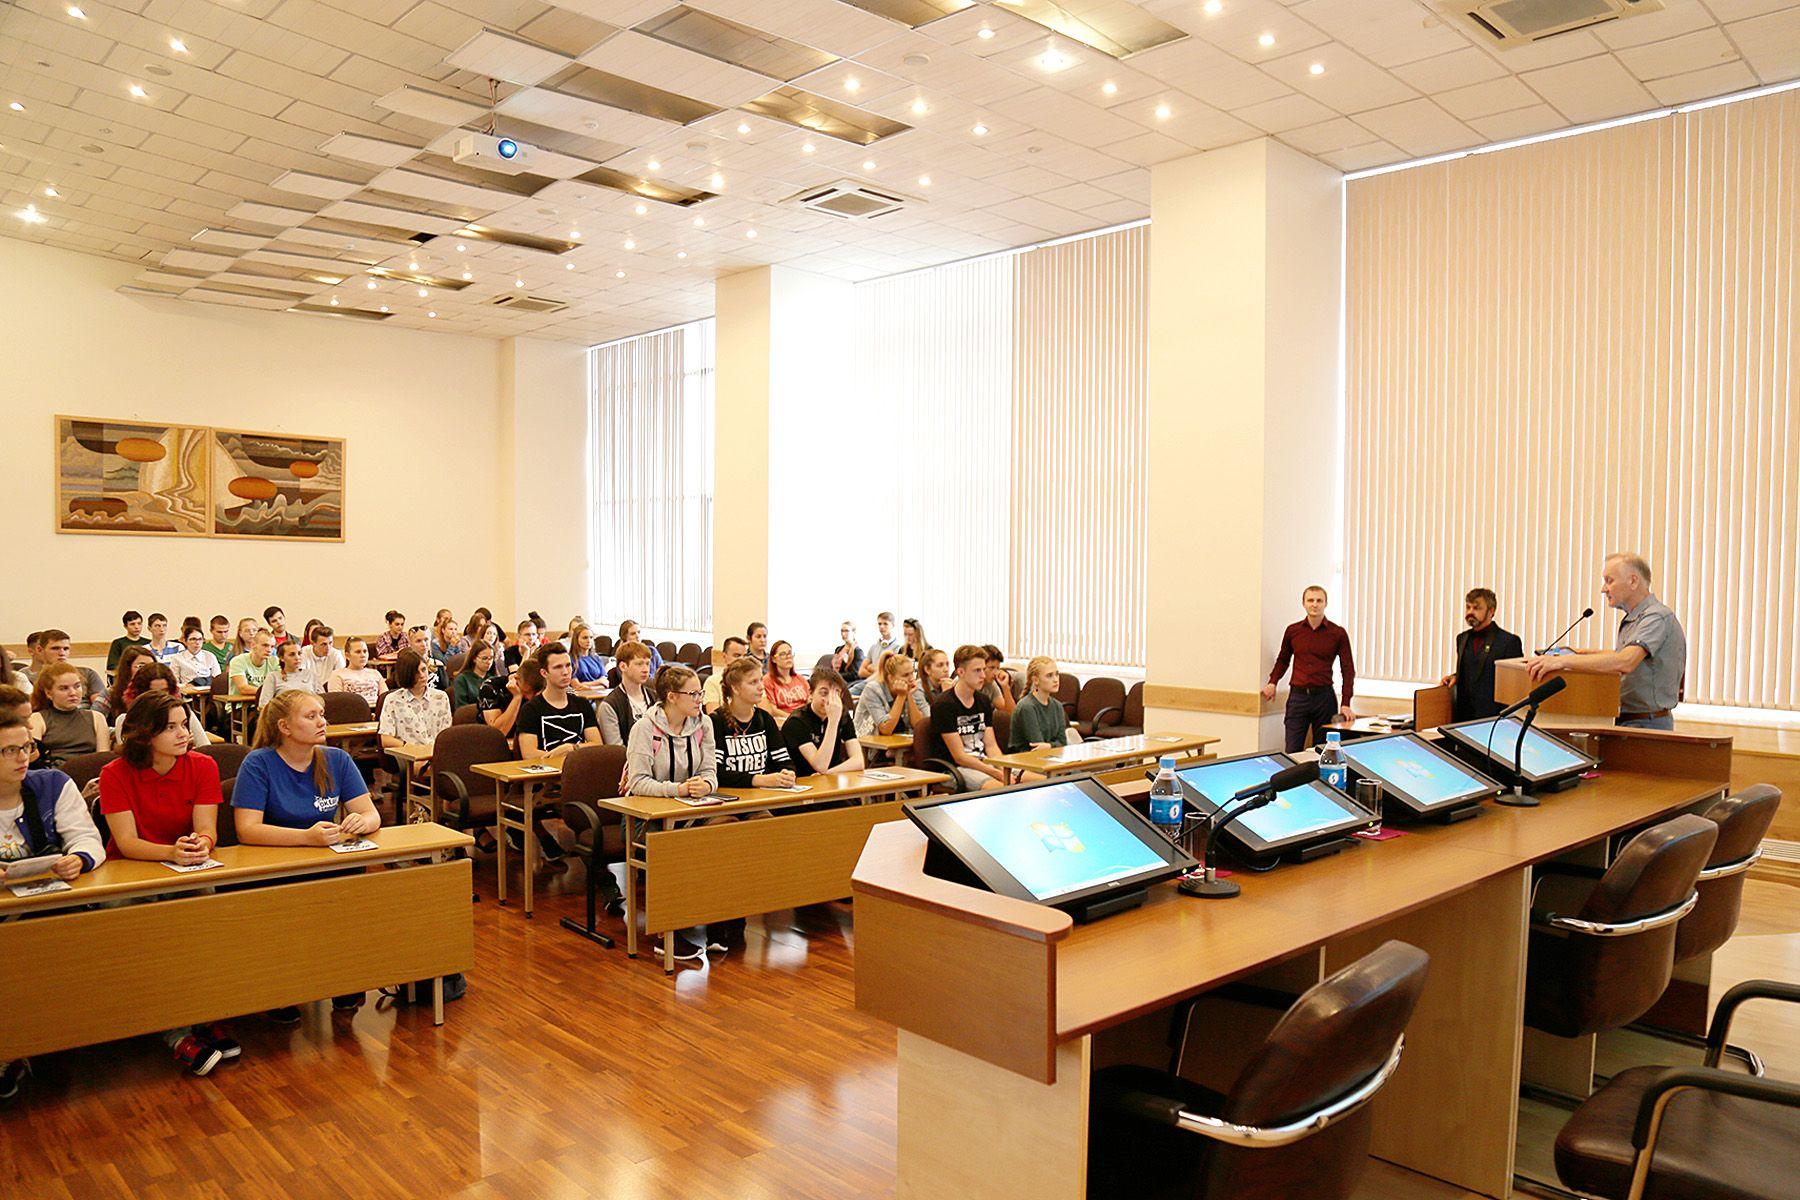 Знакомство с вузом состоялось! ВГУЭС открыт для юных интеллектуалов